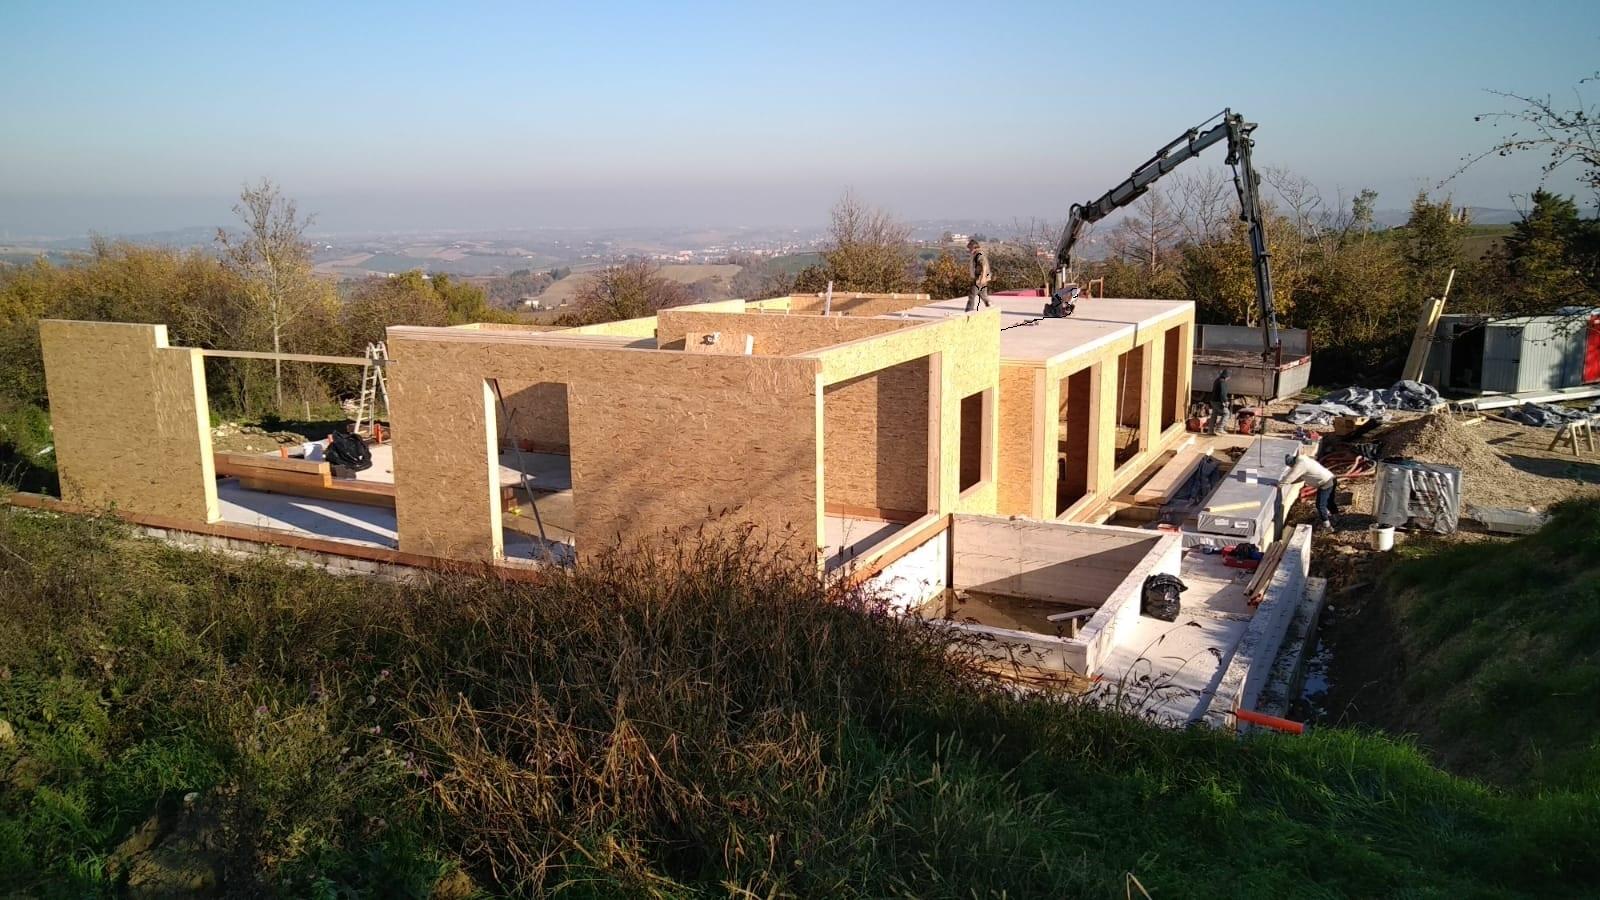 Nuova casa in legno - Verucchio (RN)